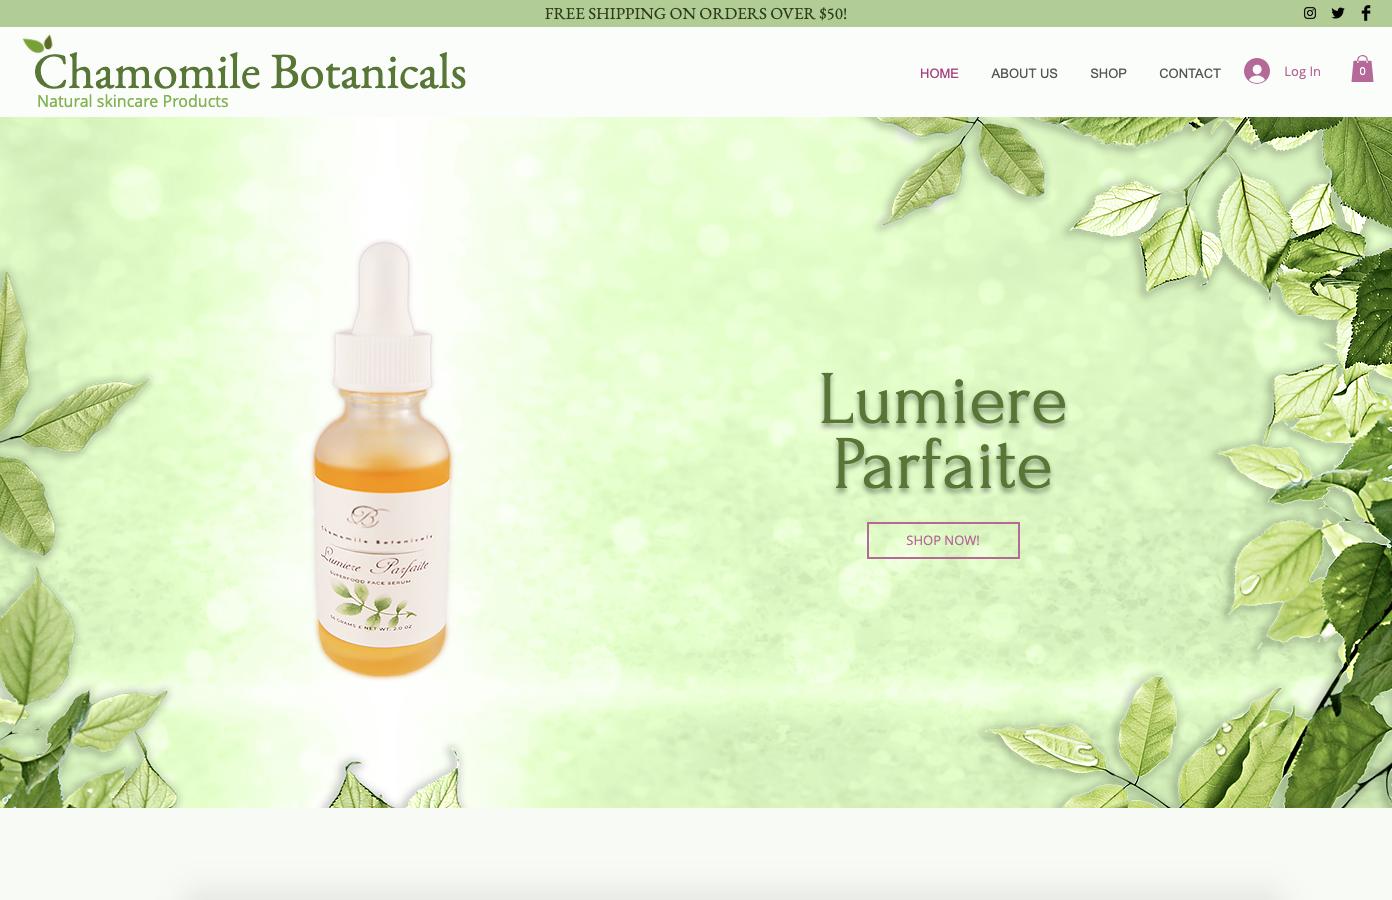 Chamomile Botanicals